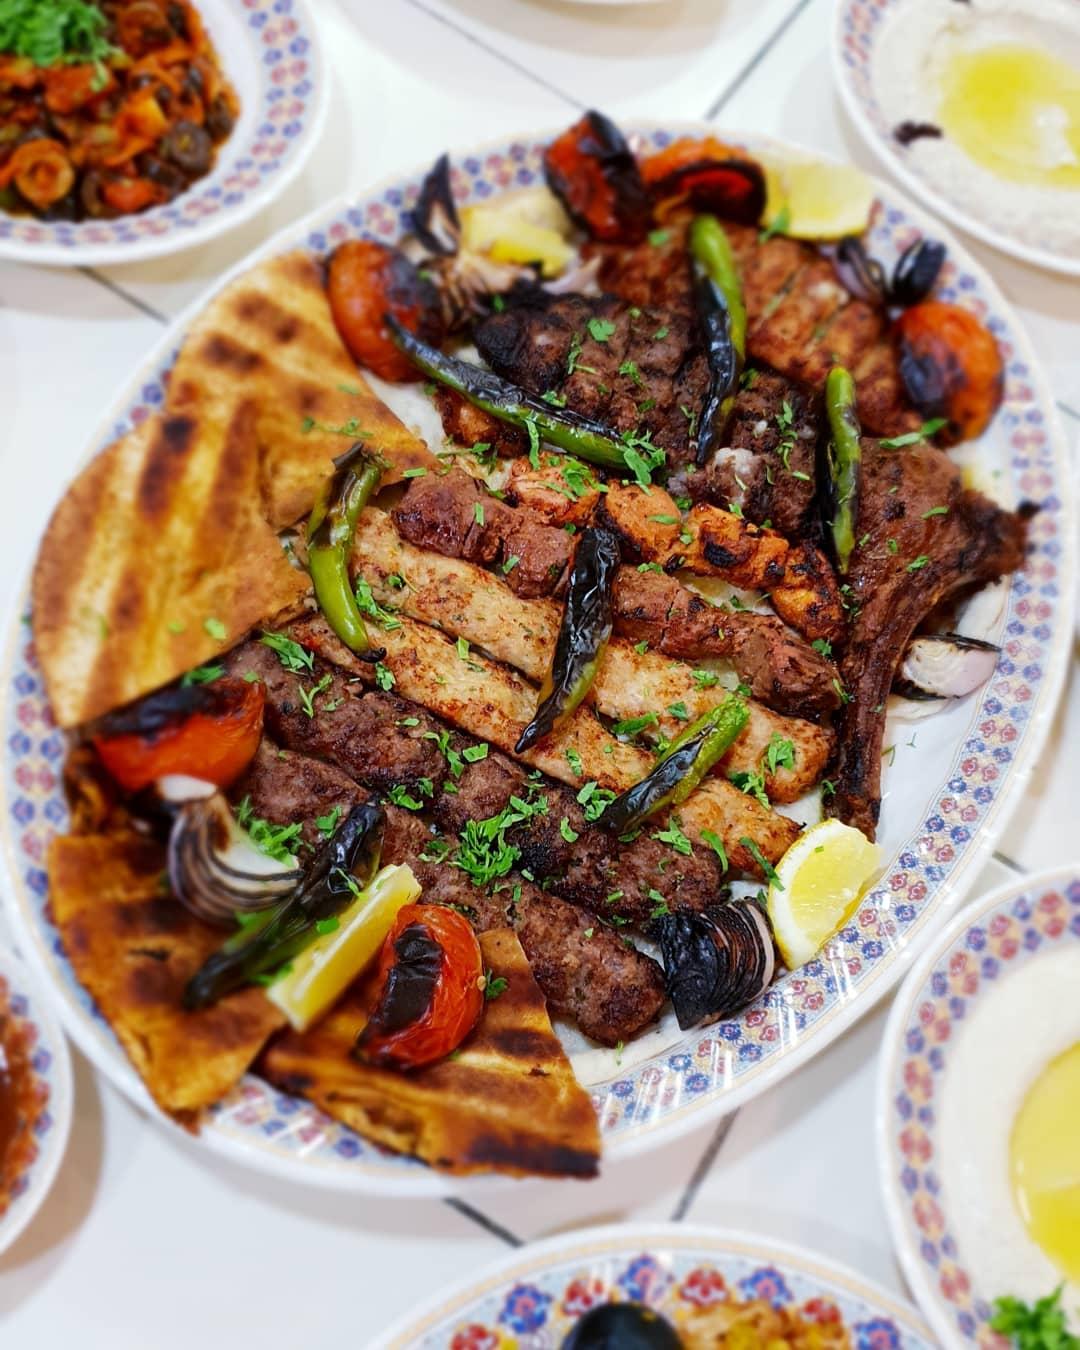 اروع مطاعم البحرين العائلية